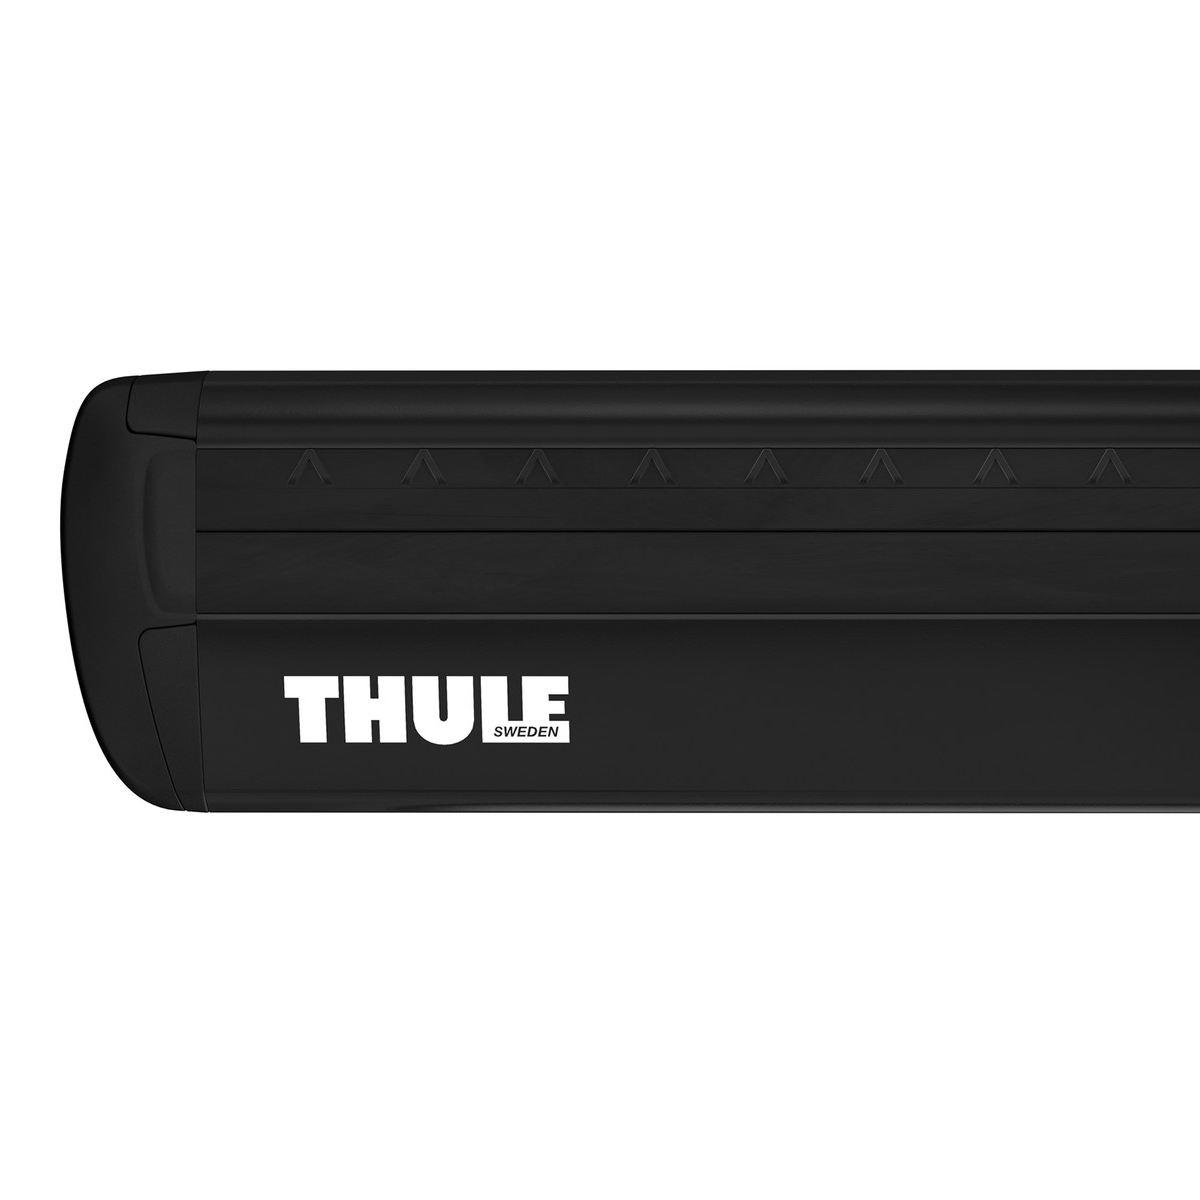 Напречни греди Thule Evo Raised Rail WingBar Evo 127cm в Черно за DAIHATSU Terios 5 врати SUV 2006- с фабрични надлъжни греди с просвет 6